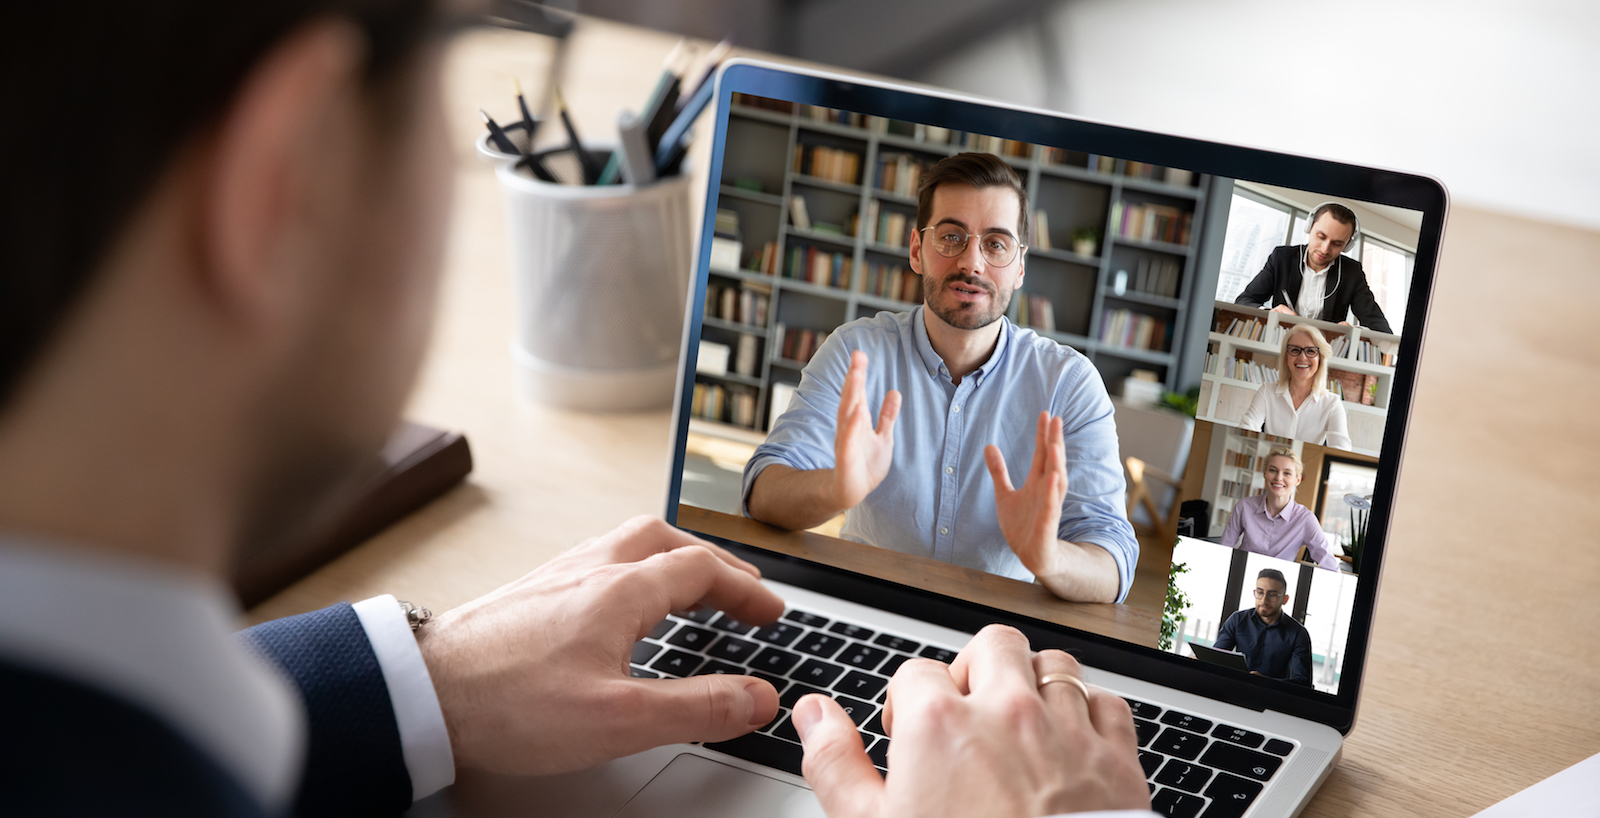 Chiedi una consulenza online per la ristorazione, per evitare costi di trasferta